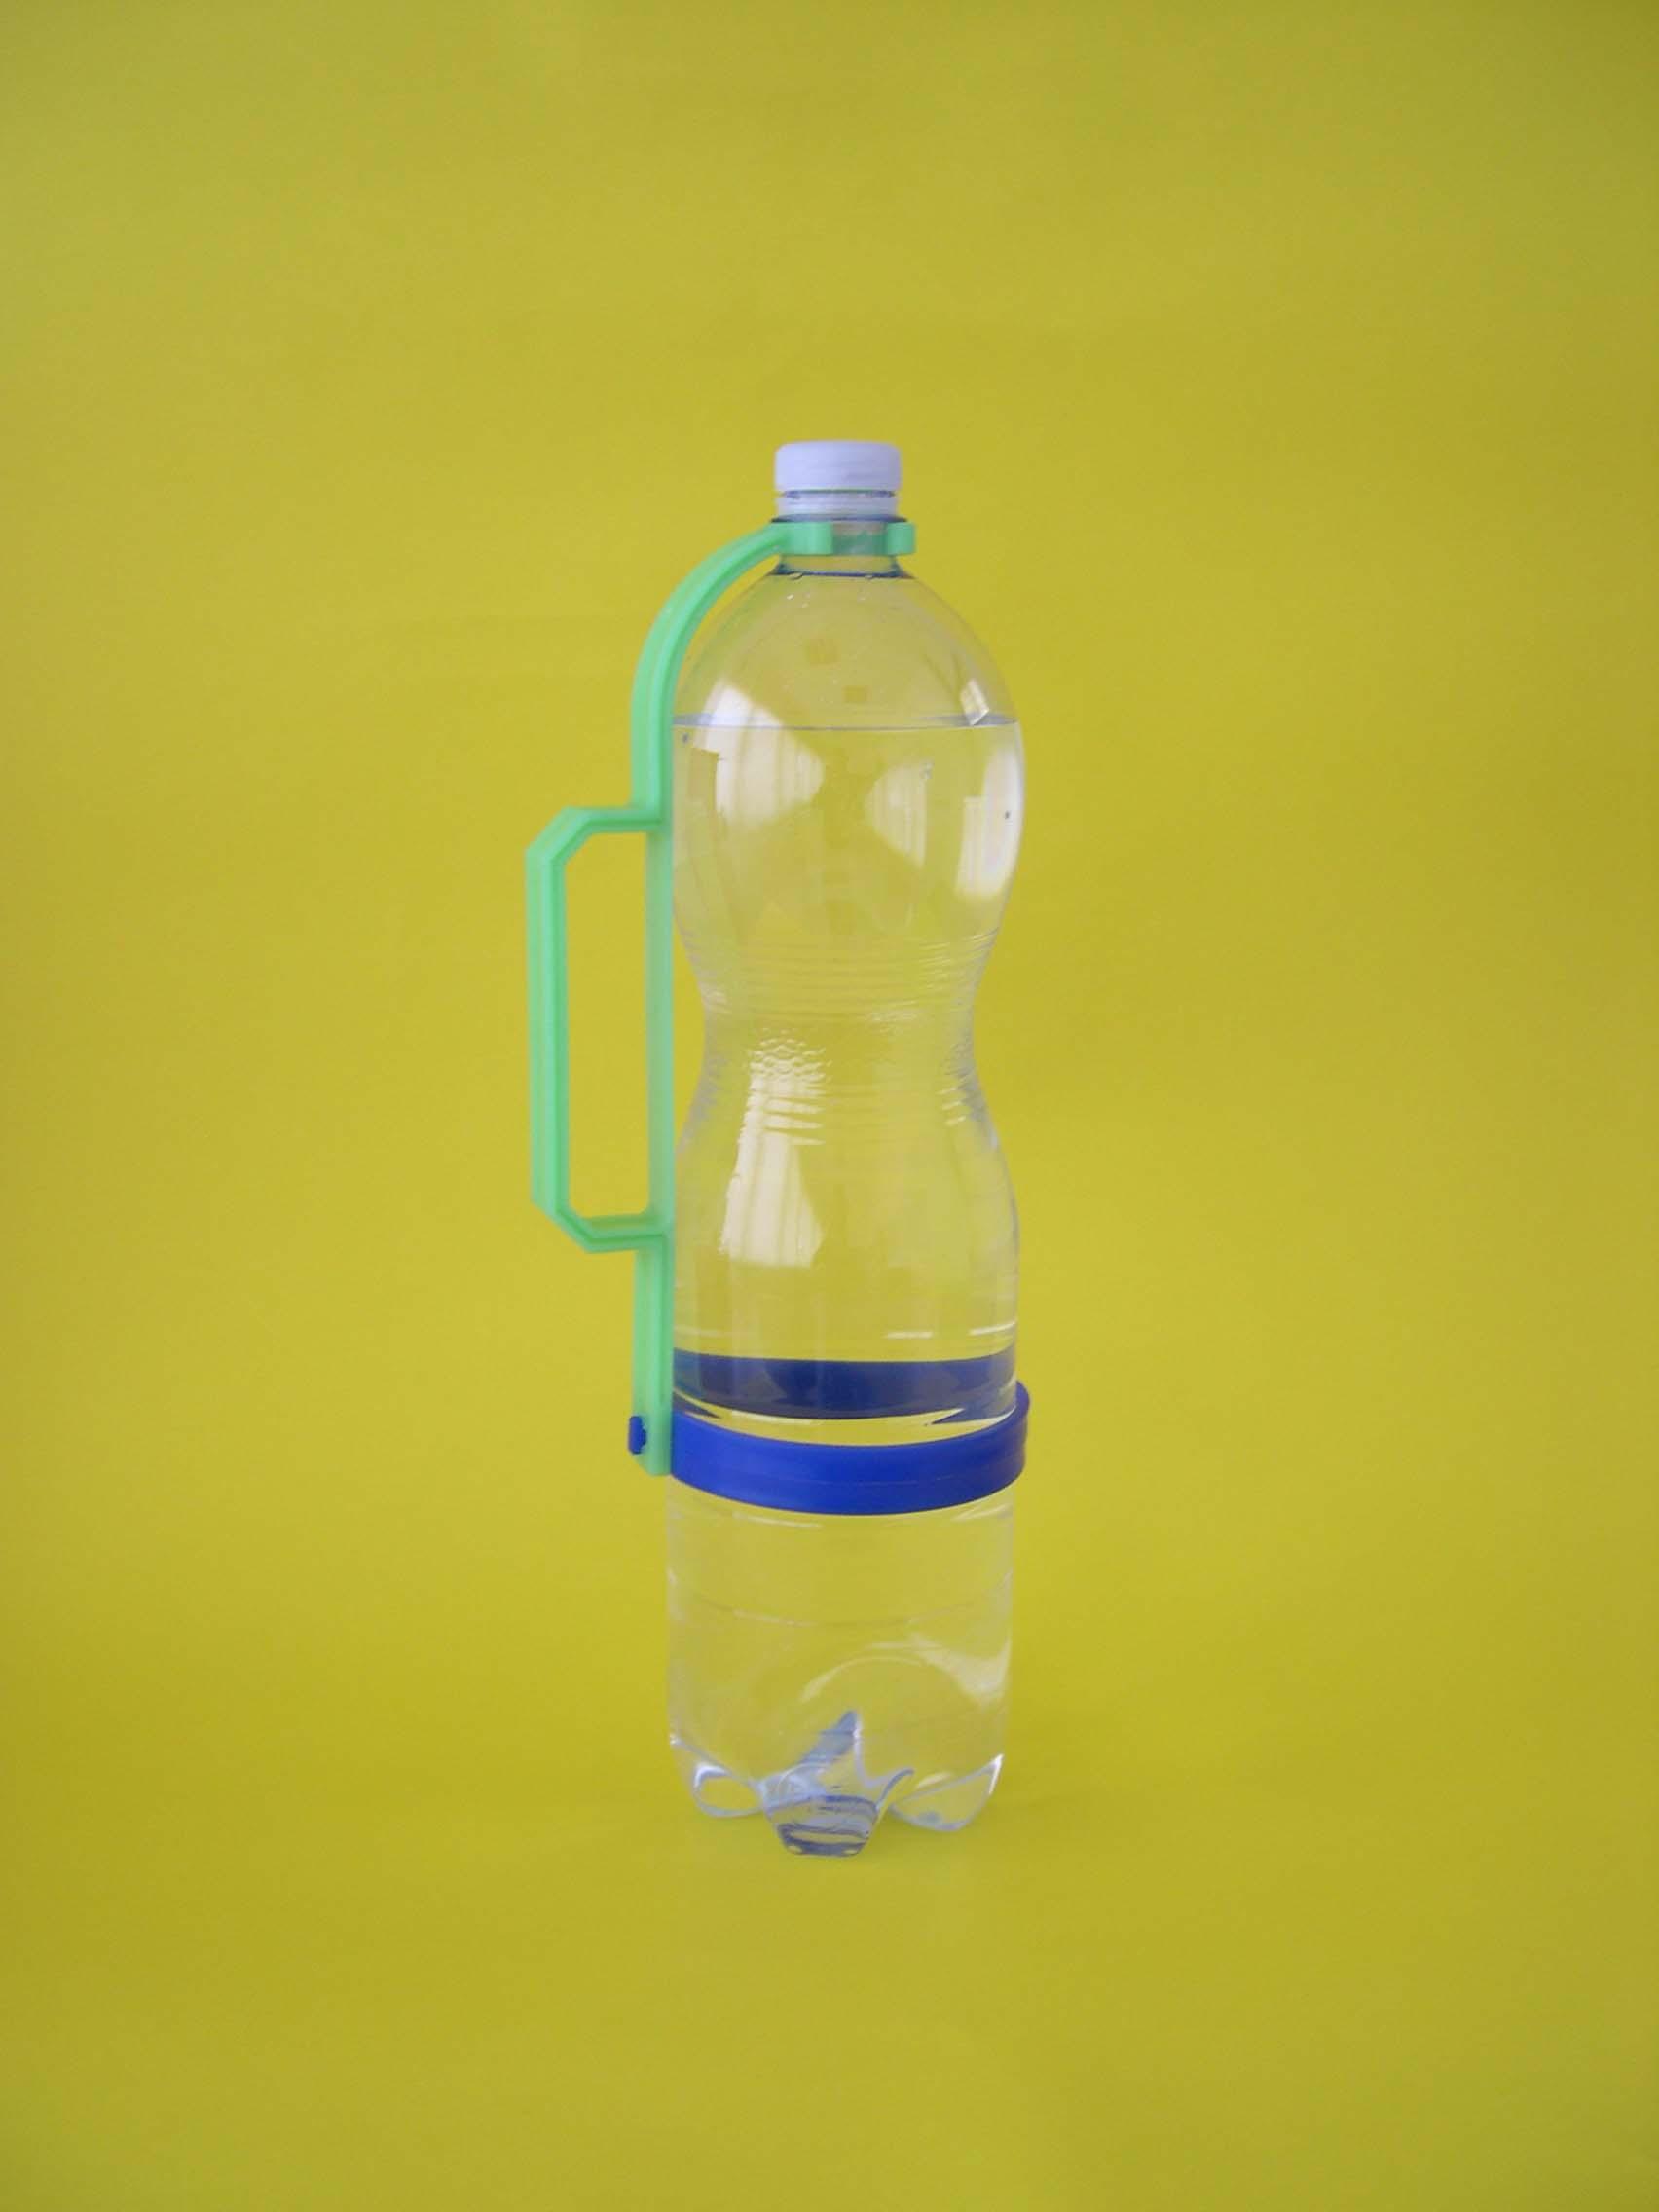 Manico porta bottiglie rotondo in plastica gadget - Porta acqua per termosifoni ...